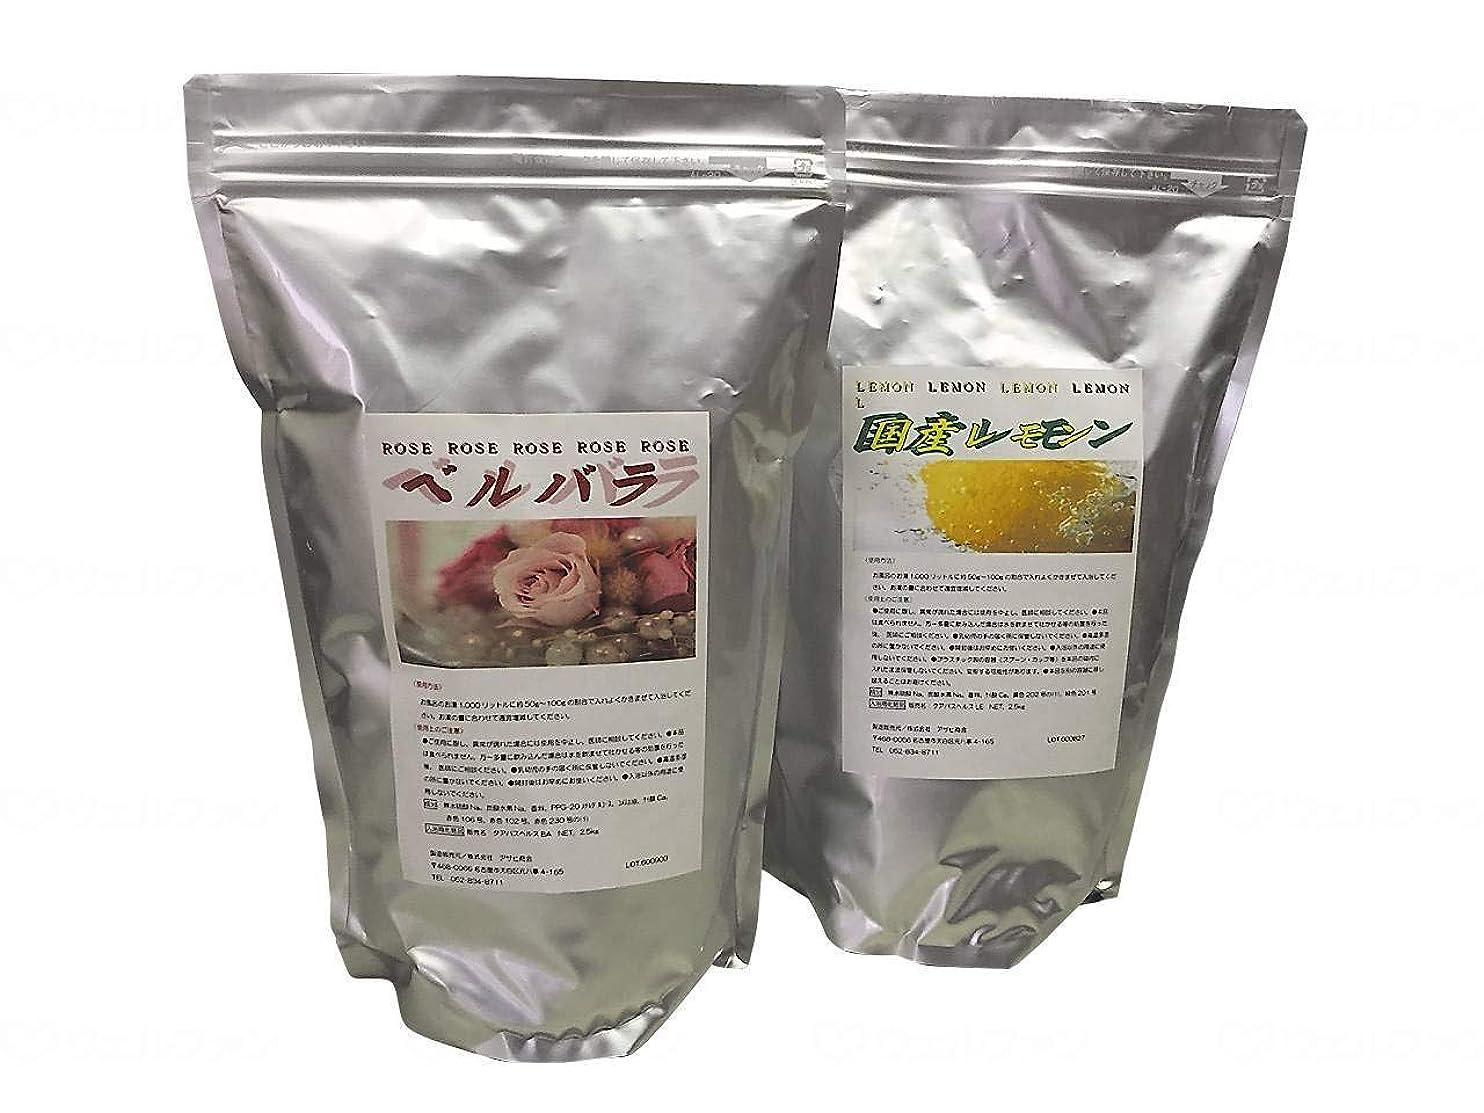 ブラインド買うさようならアサヒ商会 アサヒ入浴化粧品 国産レモン 1袋